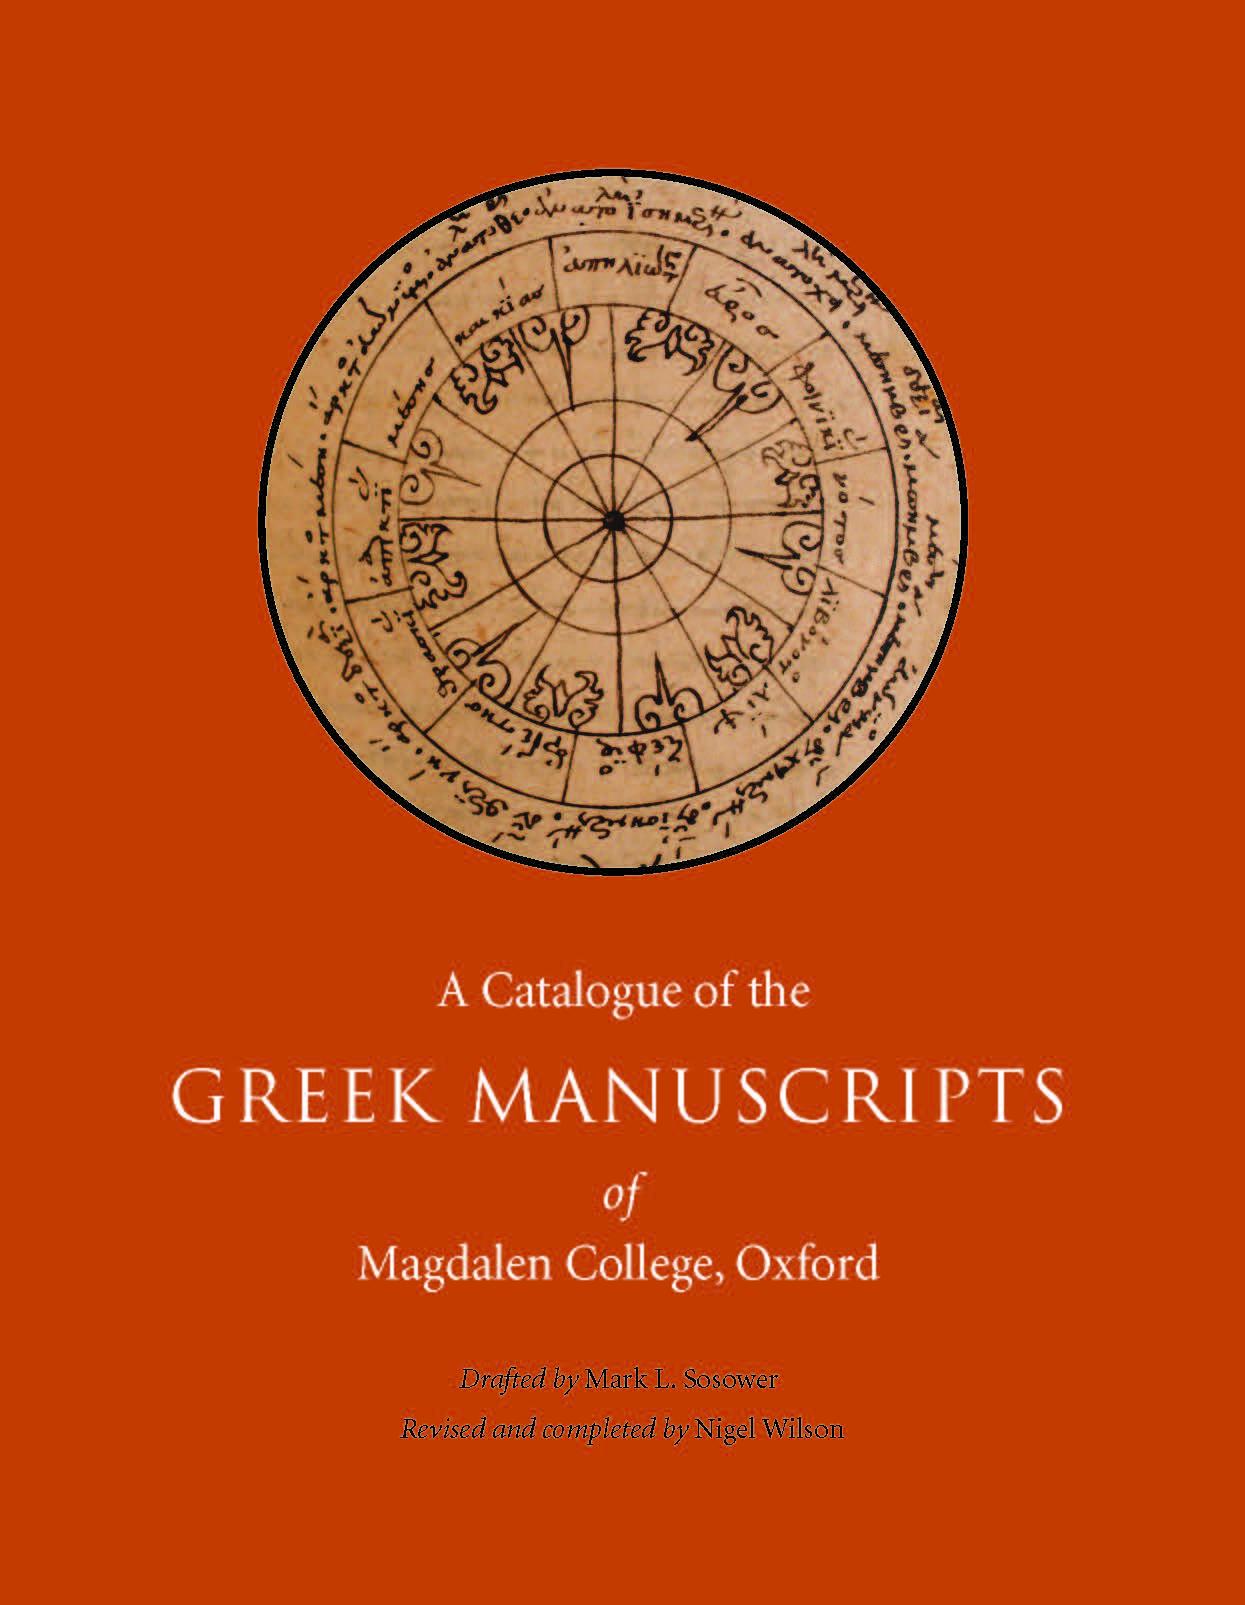 Magdalen cover.jpg